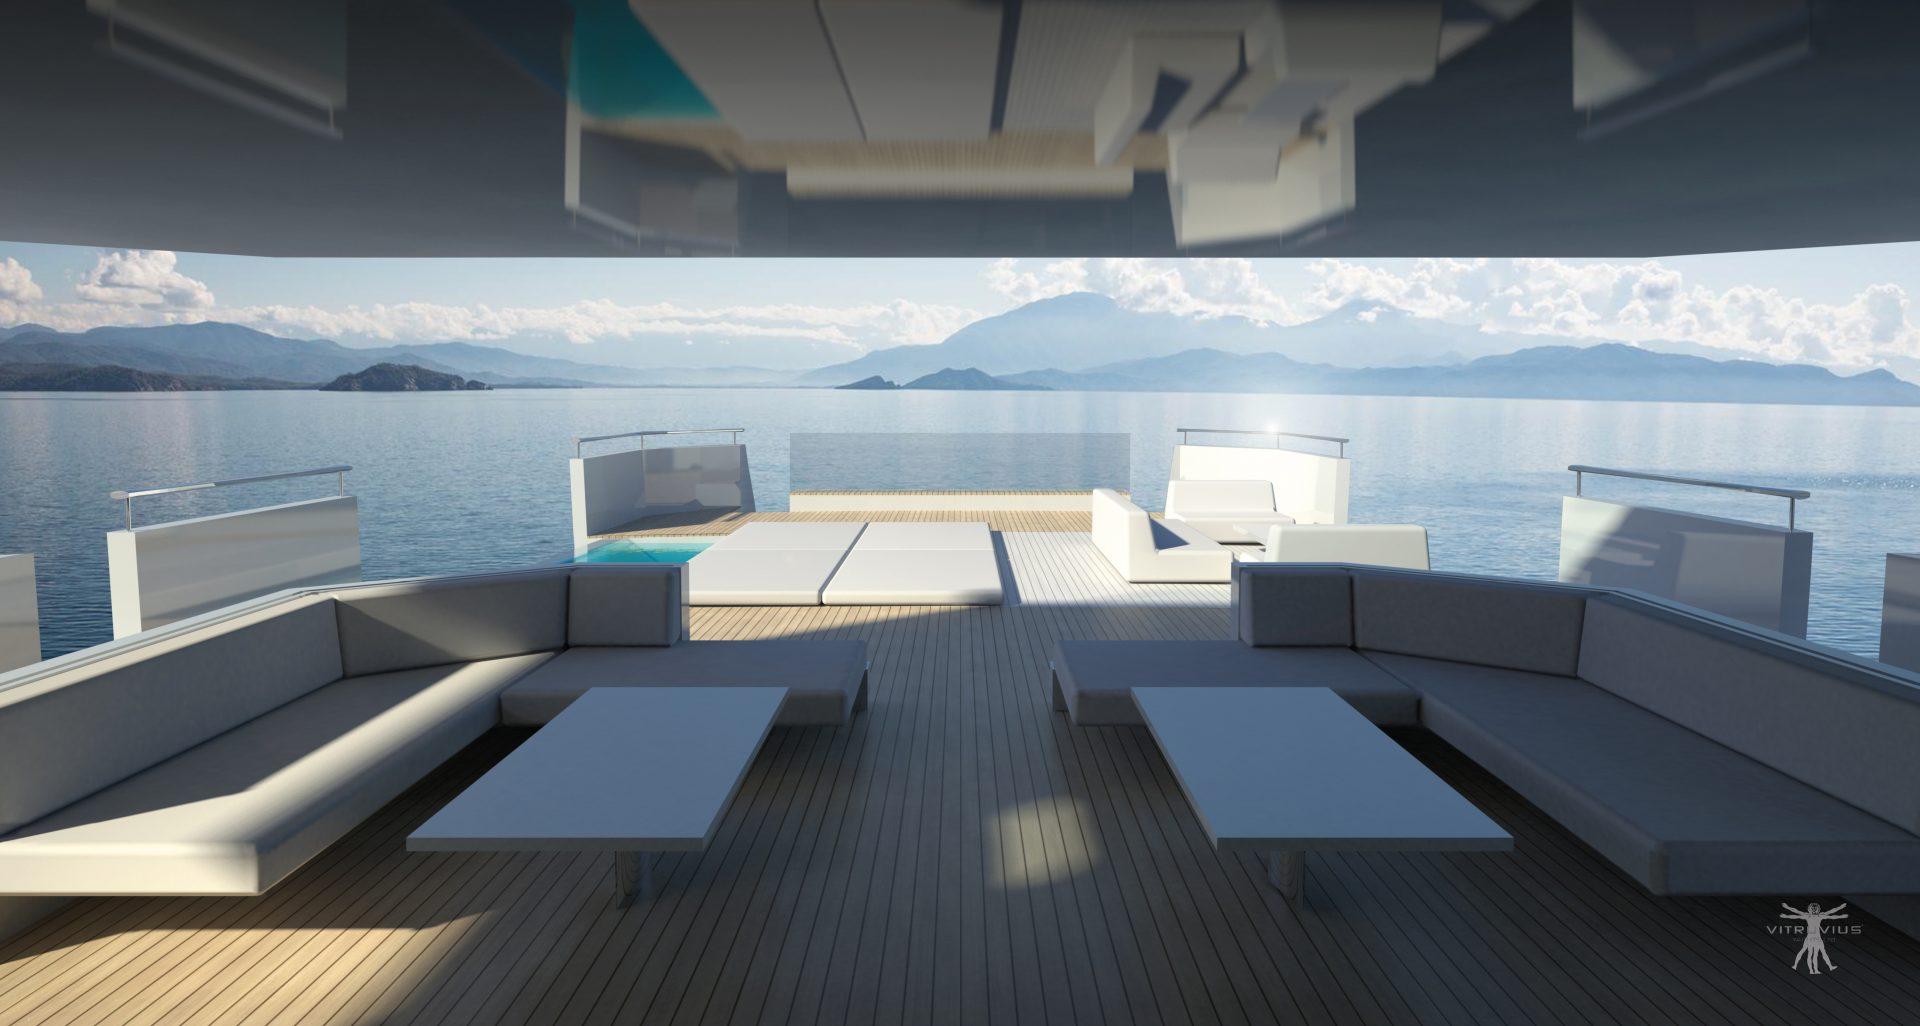 50m vitruvius yacht interior